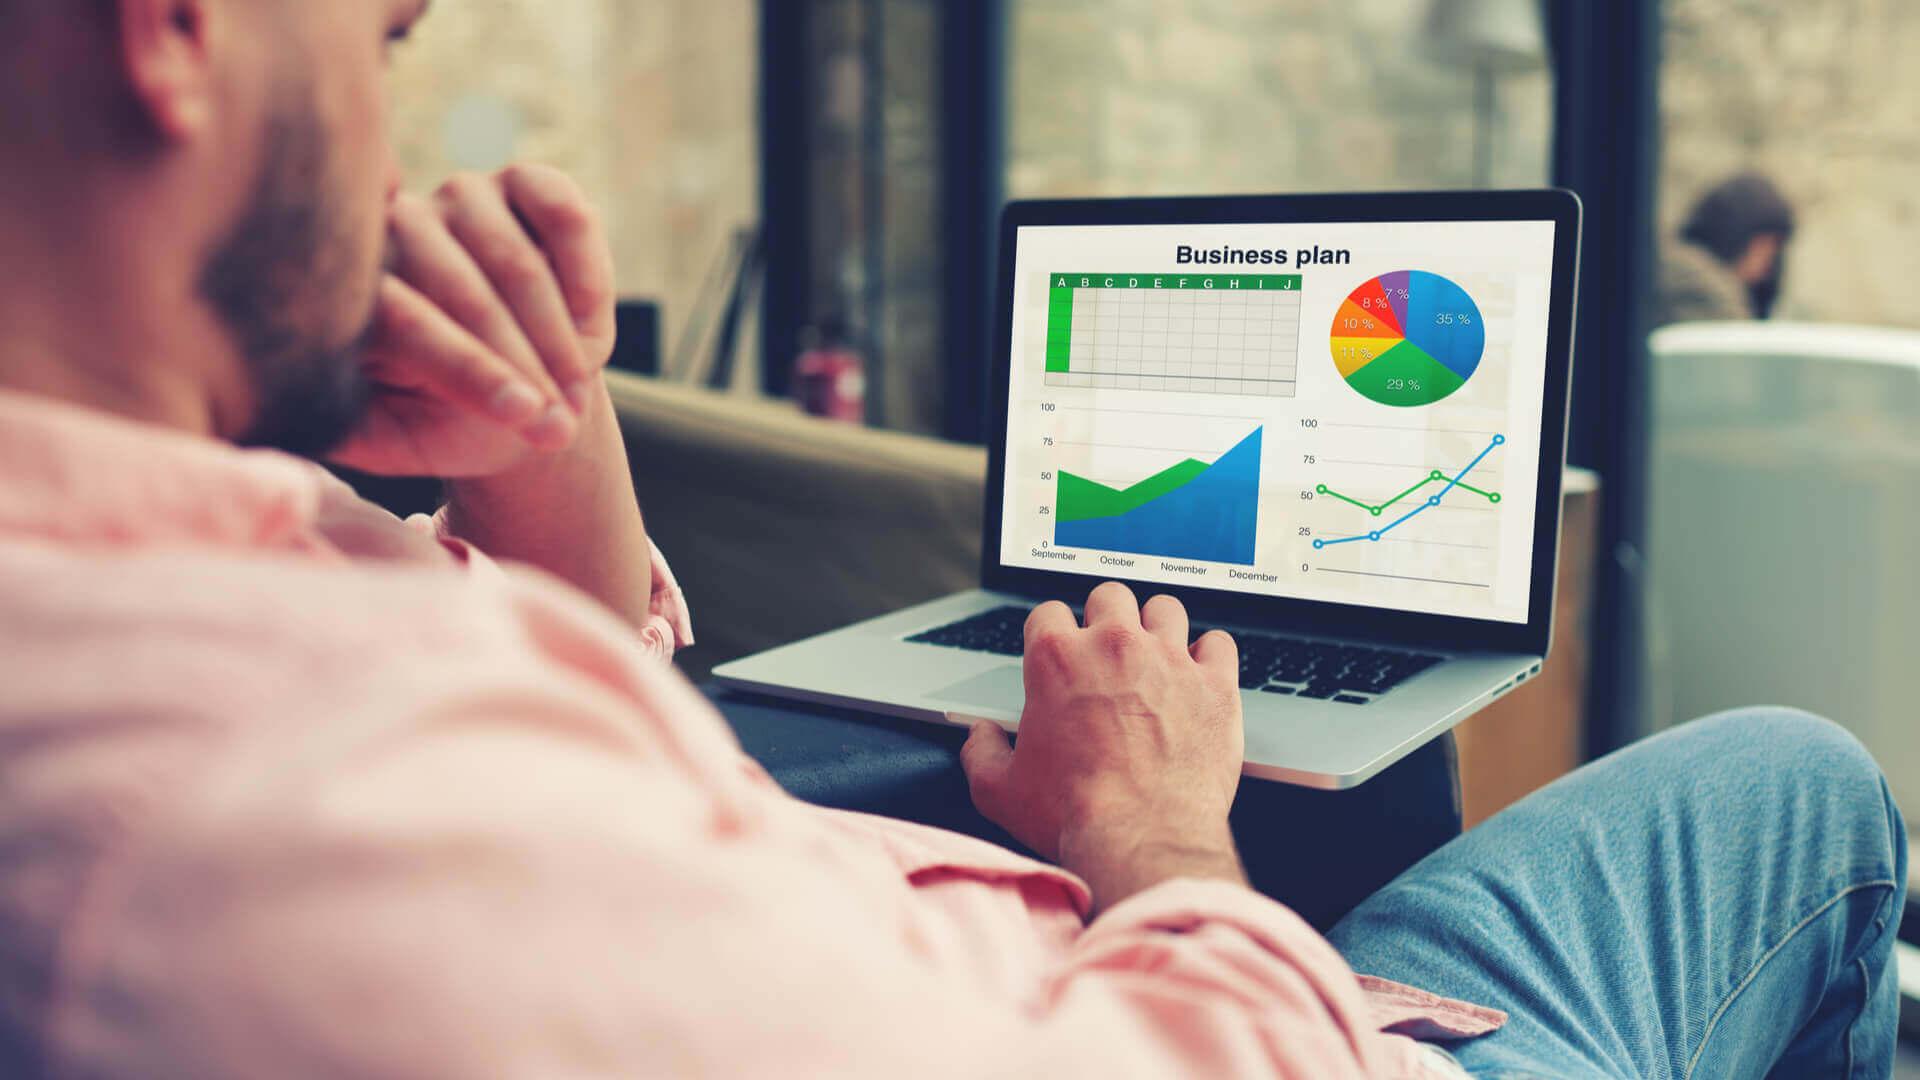 Plink analiza los datos de tu negocio